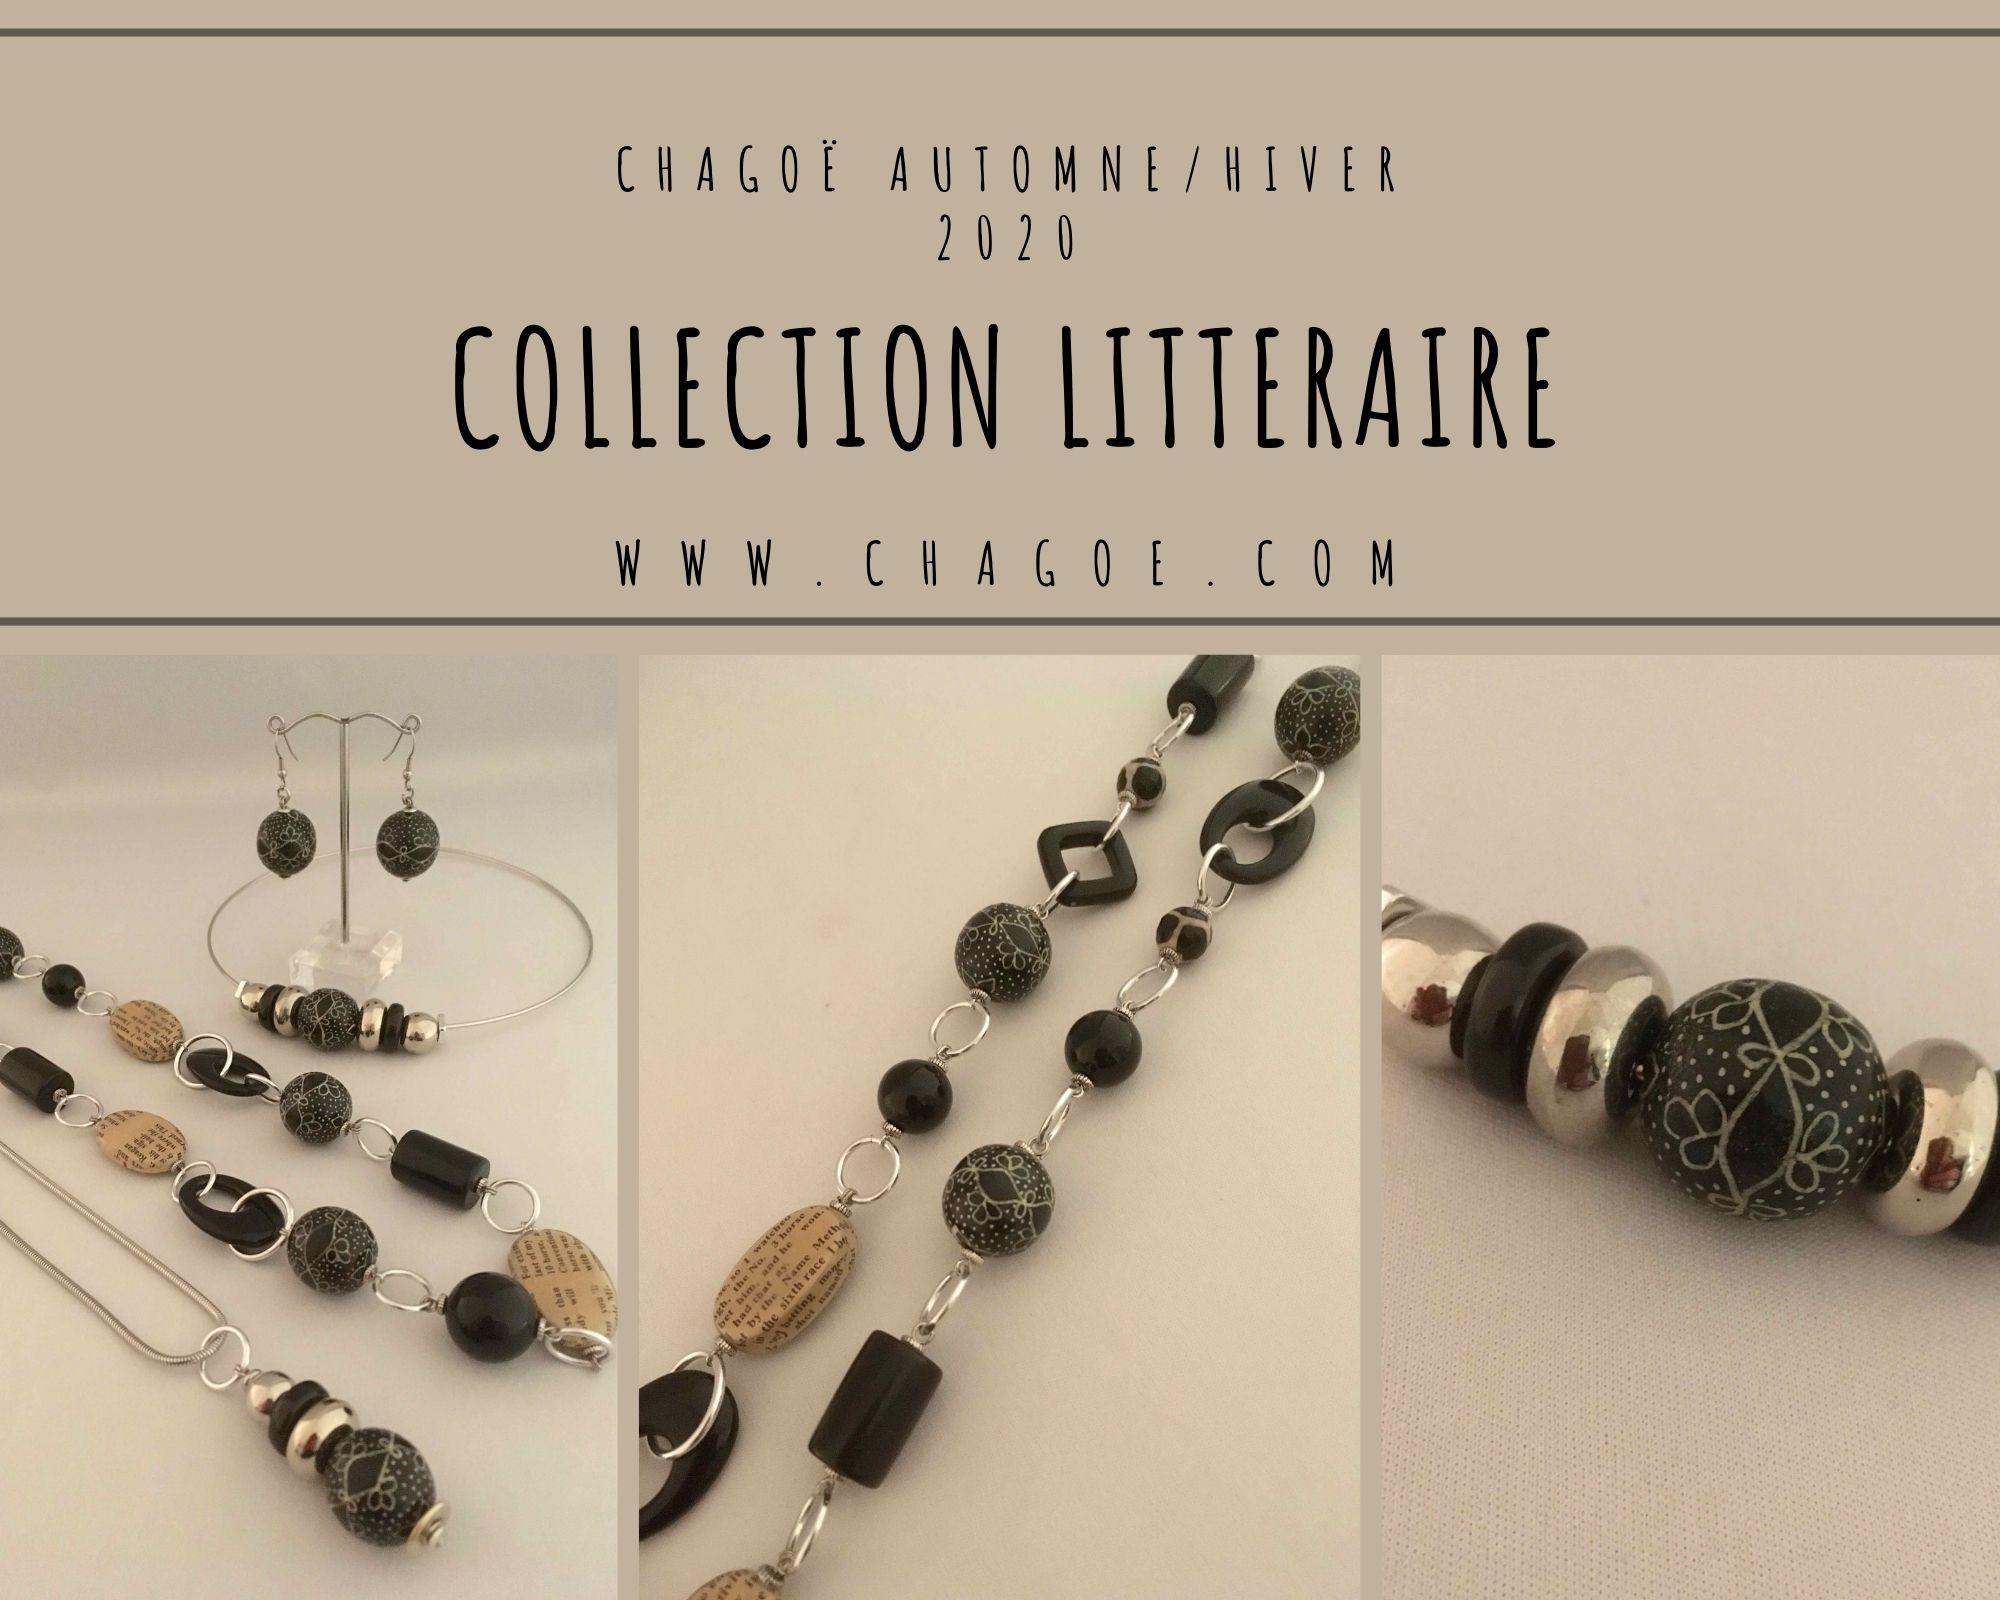 Collection LITTERAIRE, Créations Automne/Hiver Chagoë 2020